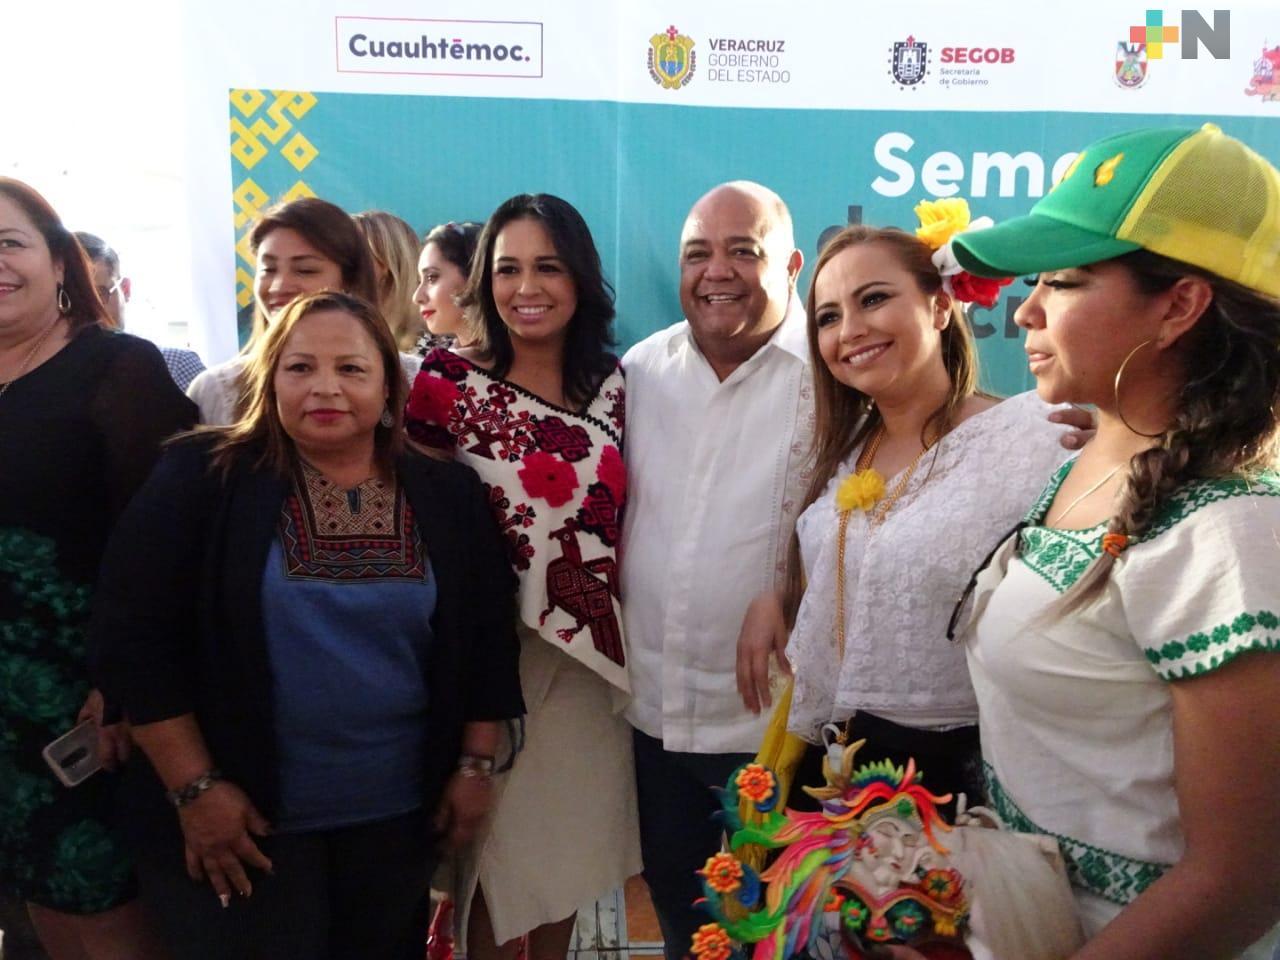 El próximo lunes en Ilamatlán, el Gobierno de Veracruz reconocerá a las mujeres, en especial a las indígenas: Eric Cisneros